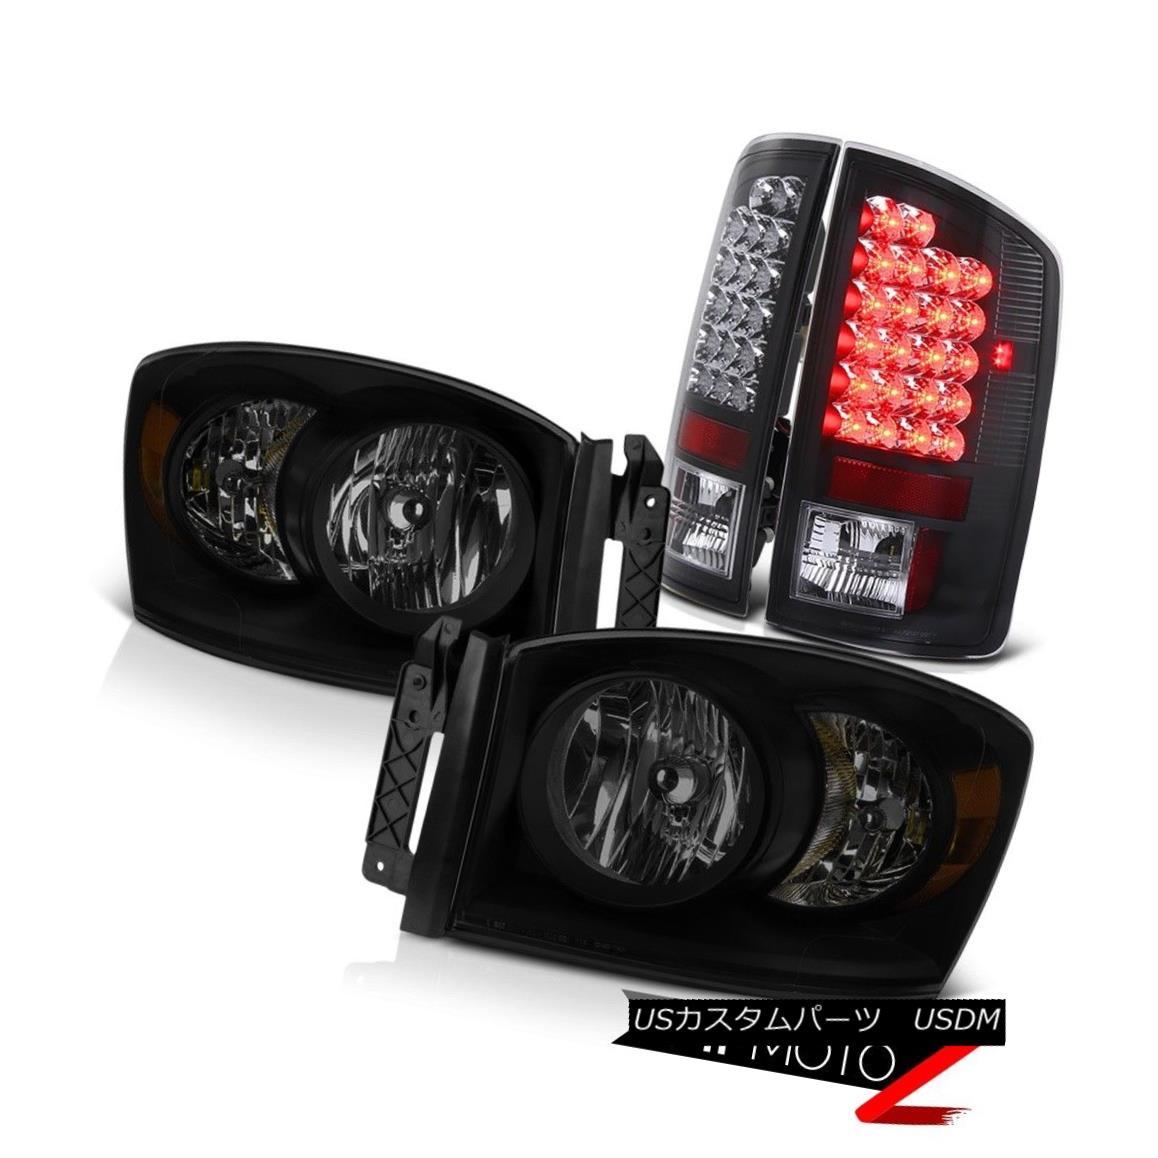 ヘッドライト 07-08 Dodge Ram 1500 4.7L Smoke Tinted Headlamps Black Tail Lights Replacement 07-08ダッジラム1500 4.7L煙がかかったヘッドライトブラックテールライトの交換